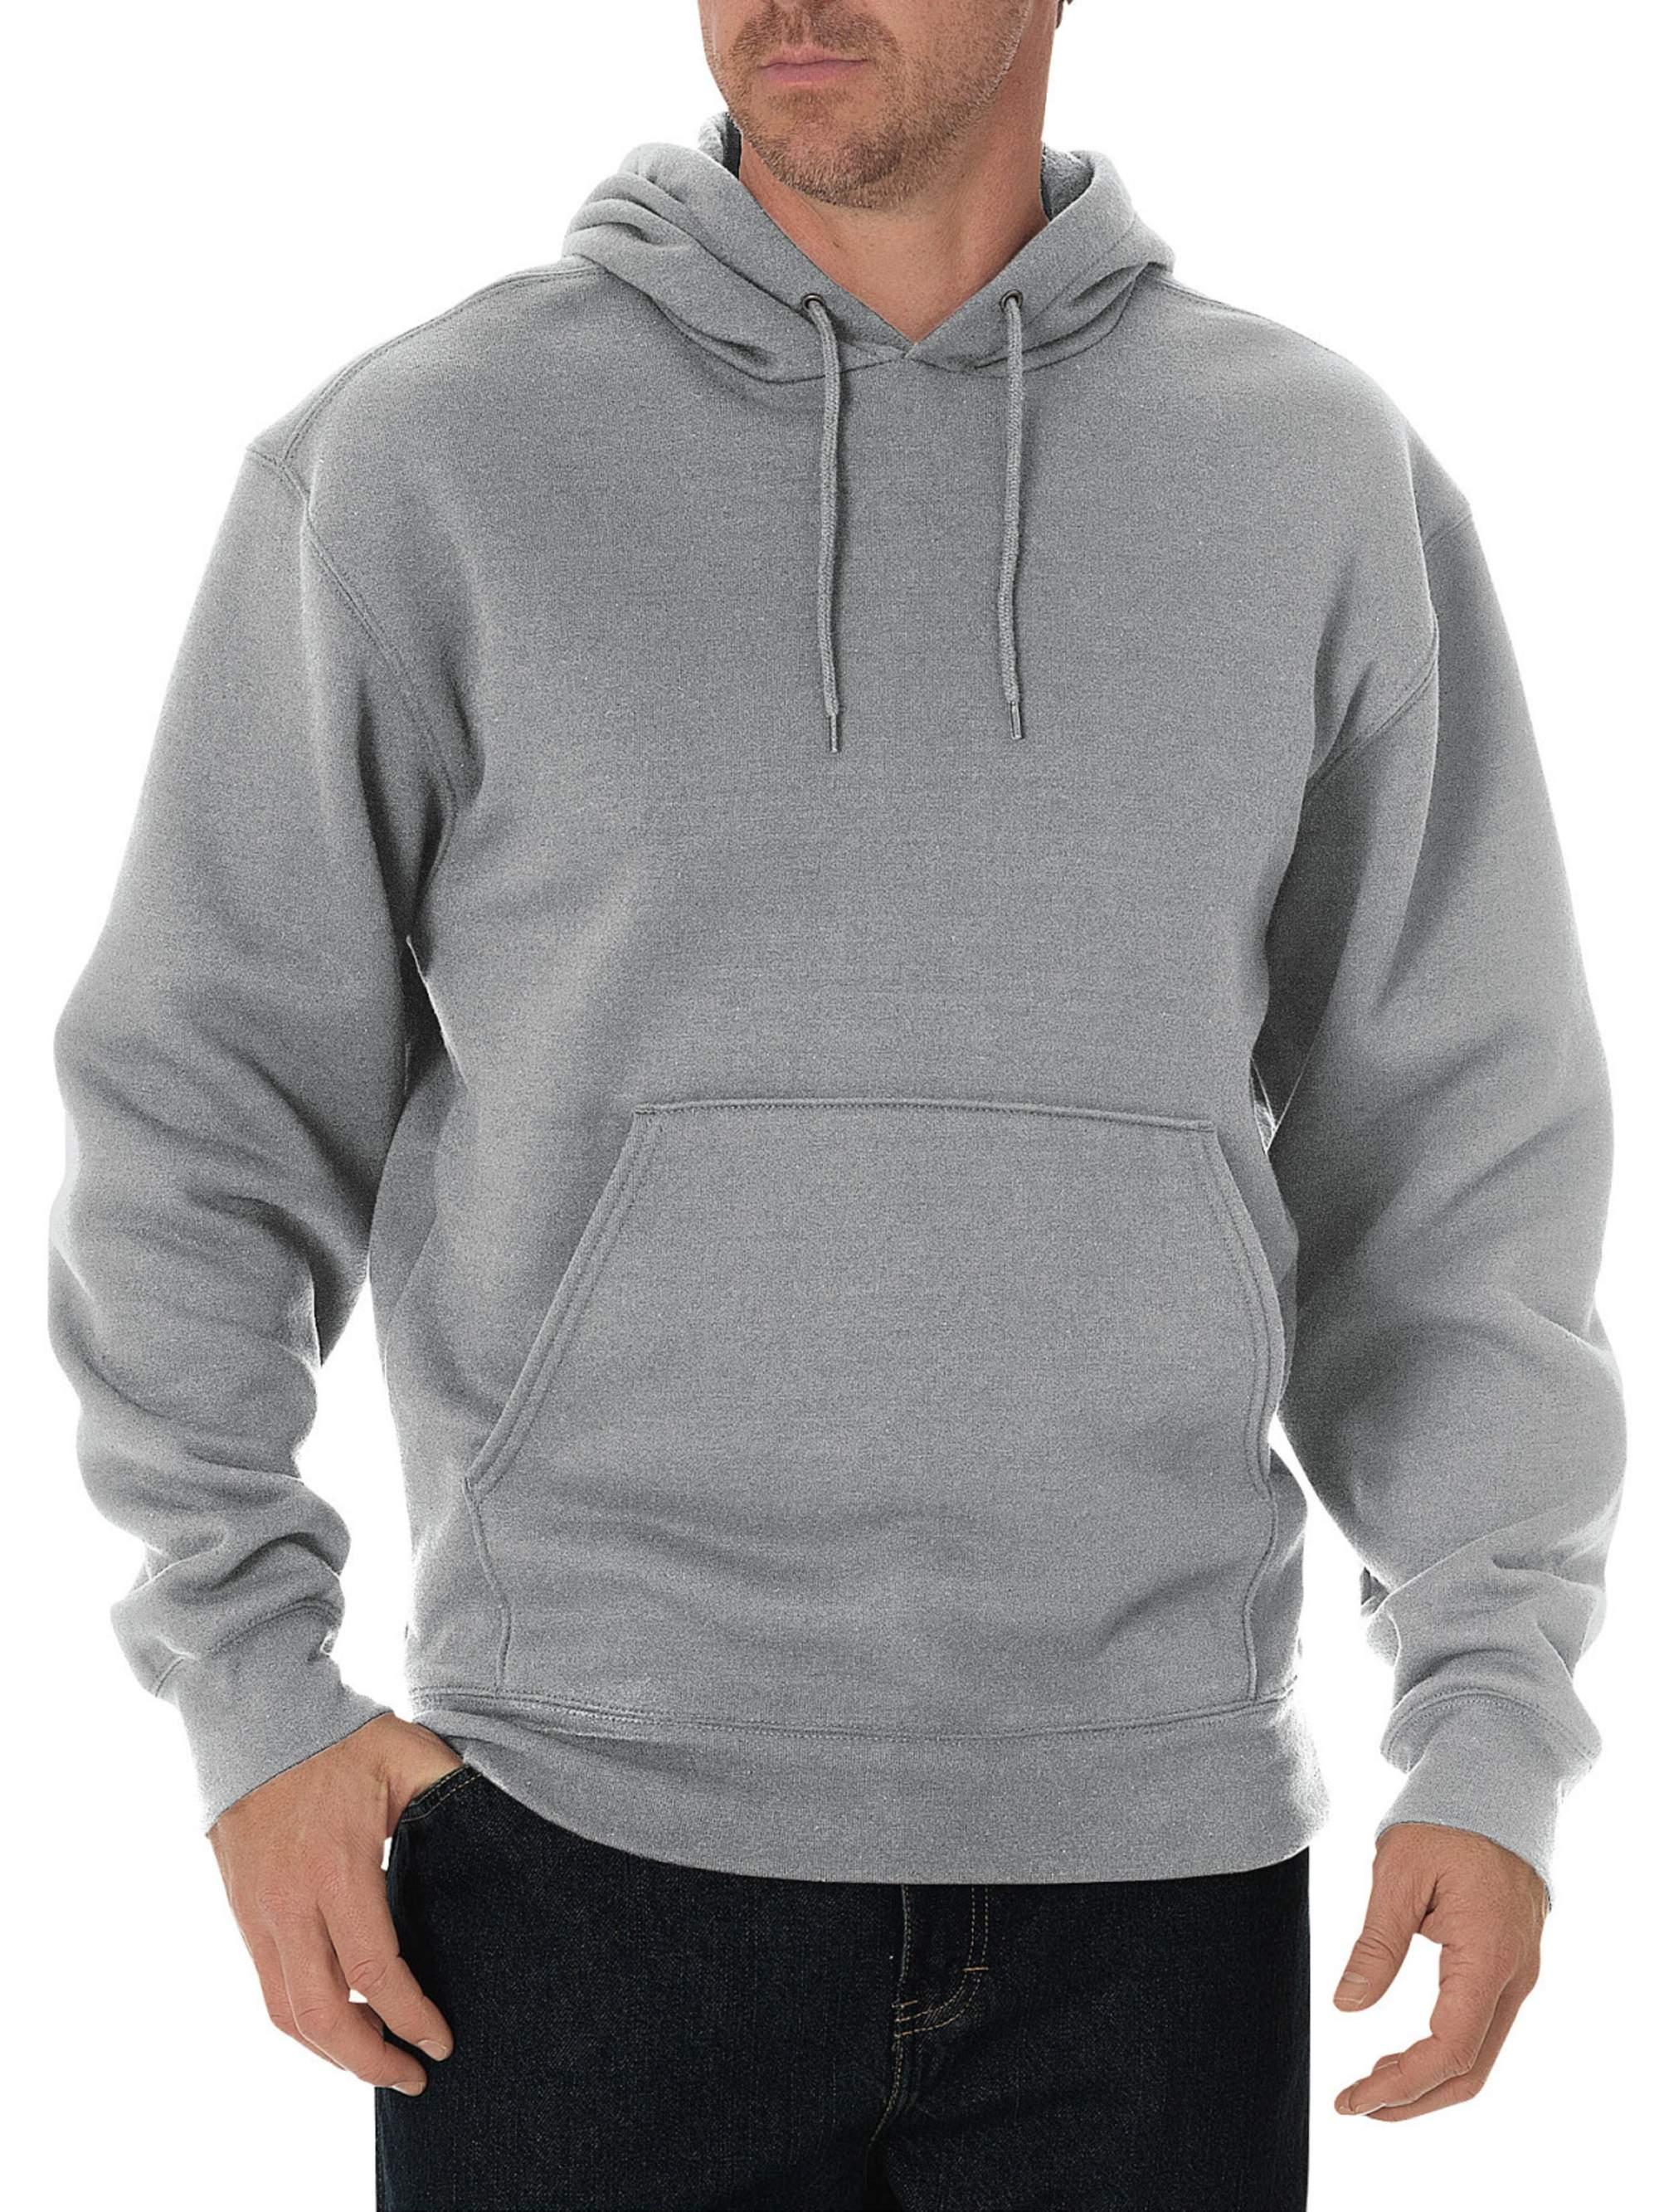 Men's Midweight Fleece Pullover Hoodie